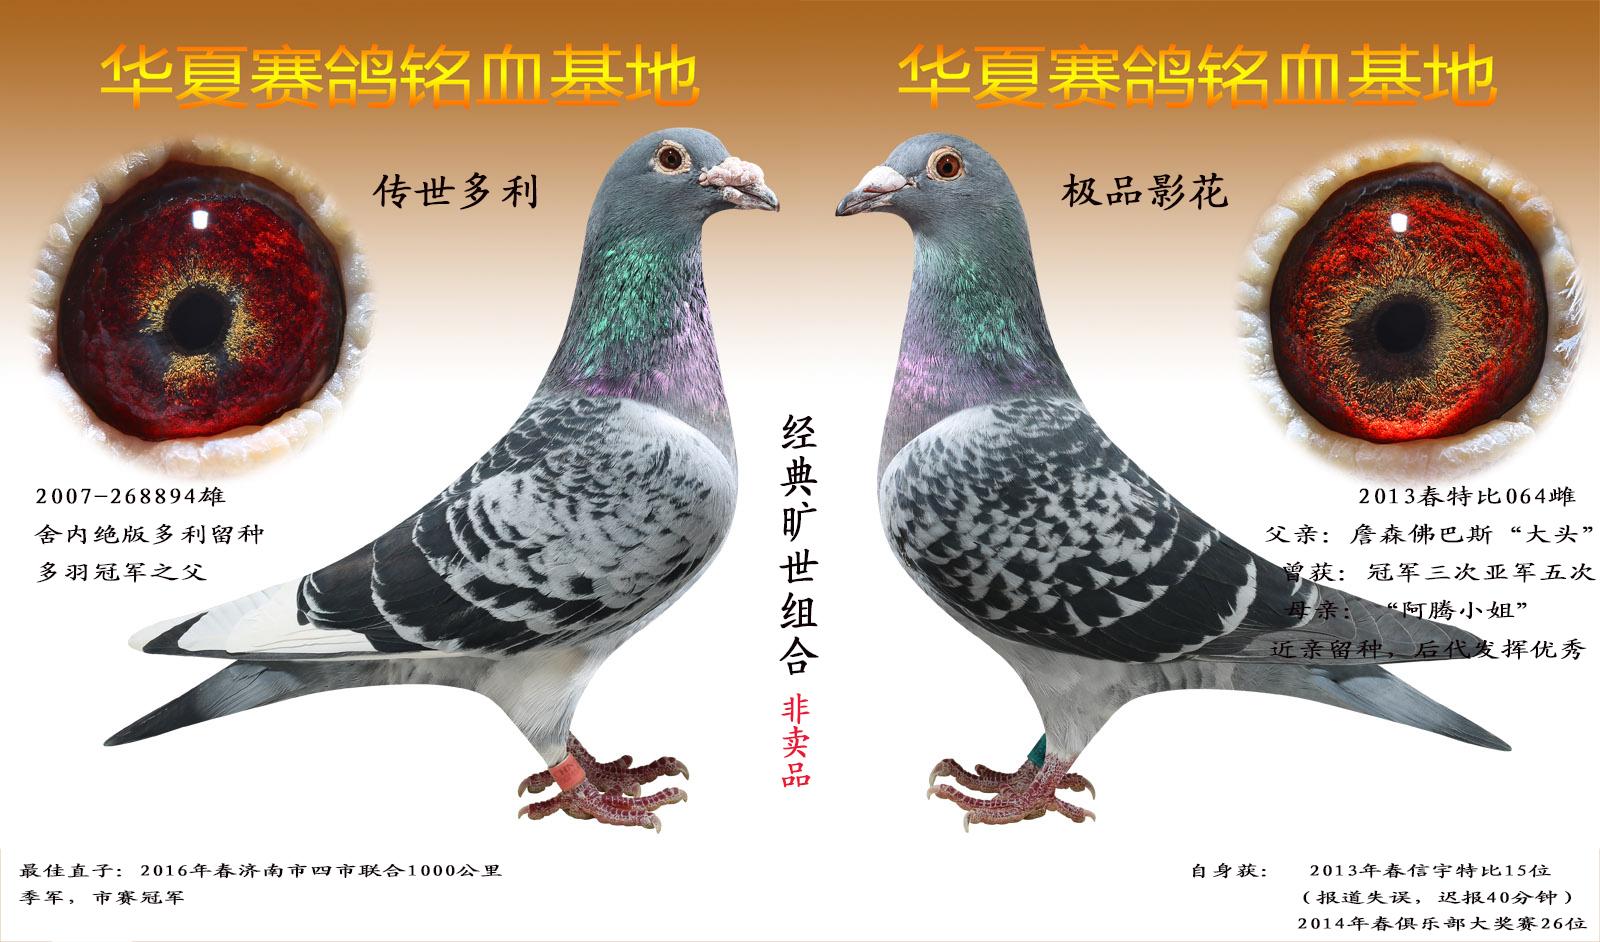 杨阿腾经典组合(仅供观赏)